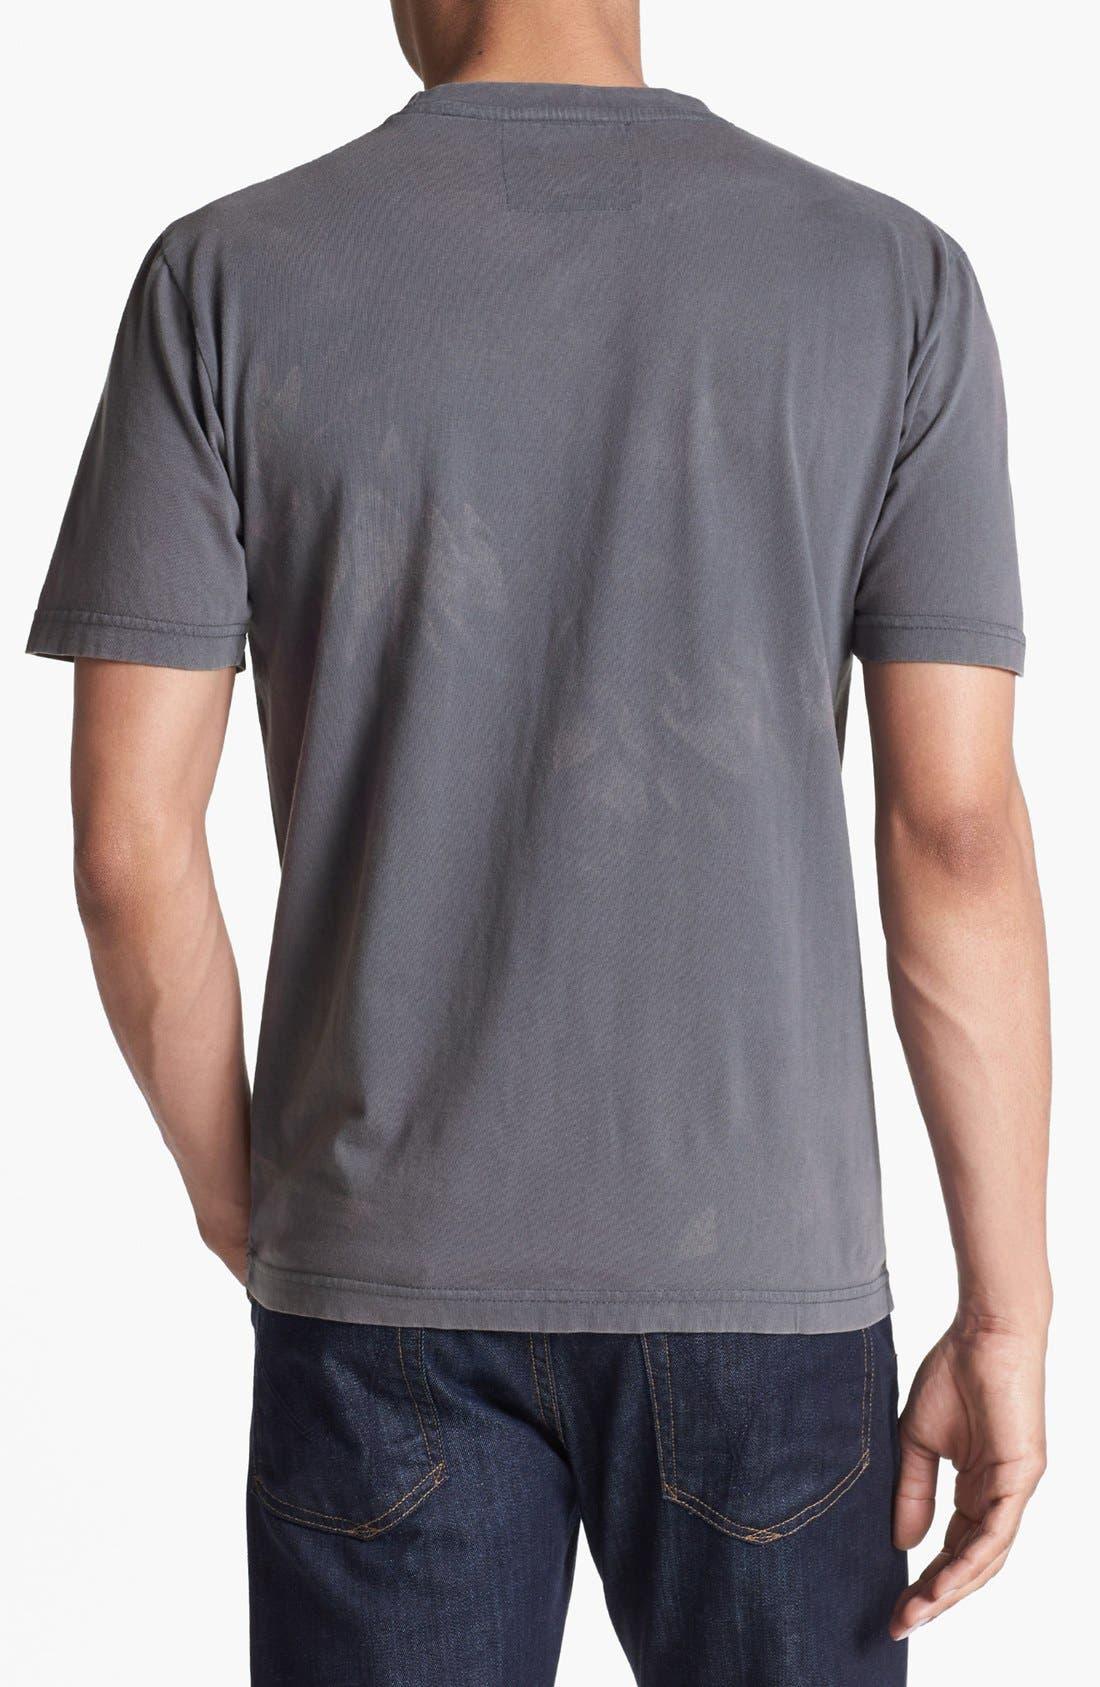 Alternate Image 2  - Red Jacket 'Yankees - Deadringer' T-Shirt